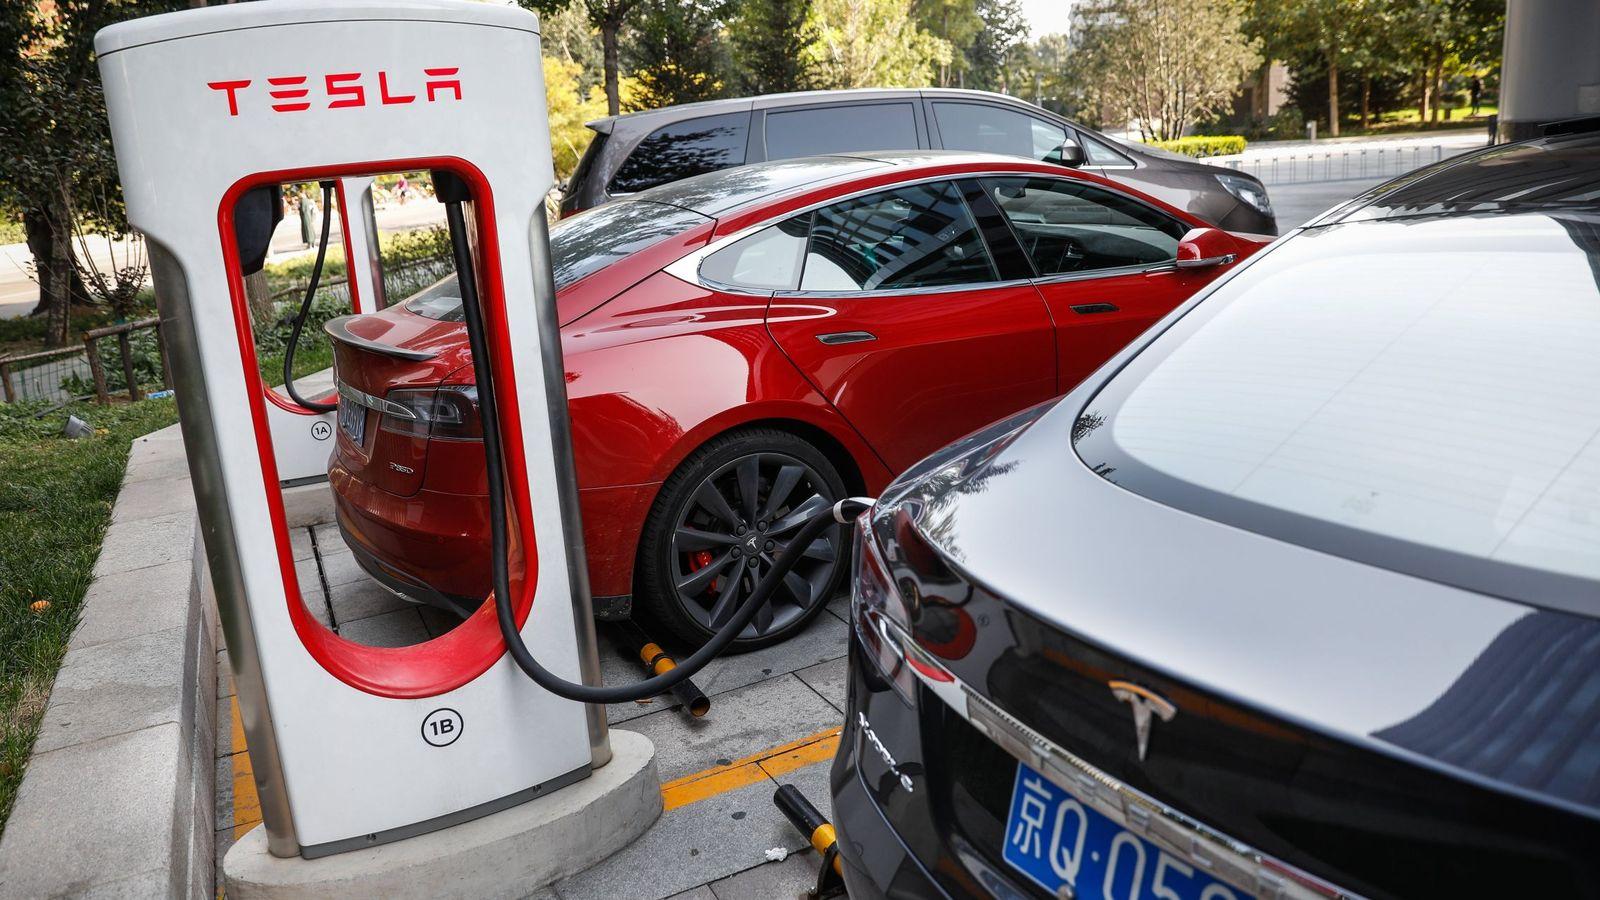 Foto: Varios vehículos eléctricos Tesla cargan en una estación en Pakín (China)